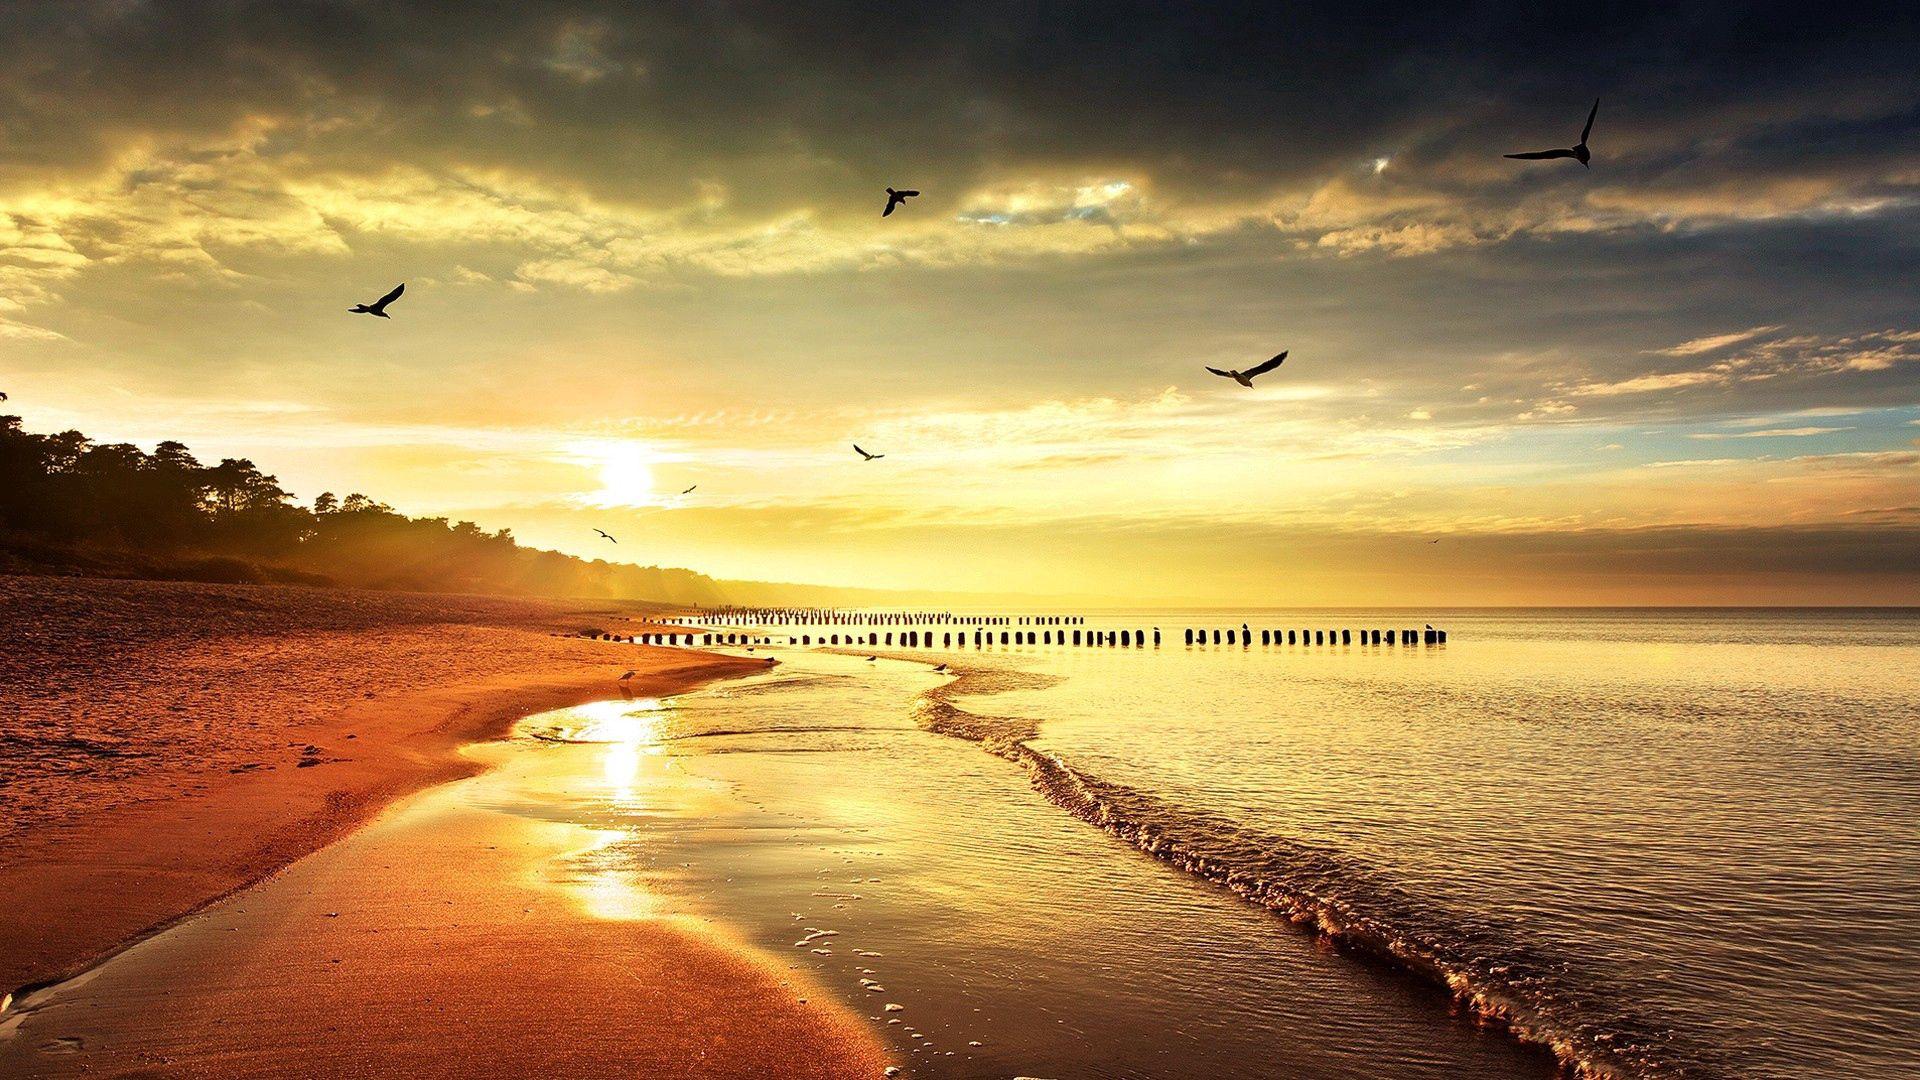 78817 Hintergrundbild herunterladen Licht, Natur, Vögel, Sea, Ufer, Bank, Scheinen - Bildschirmschoner und Bilder kostenlos